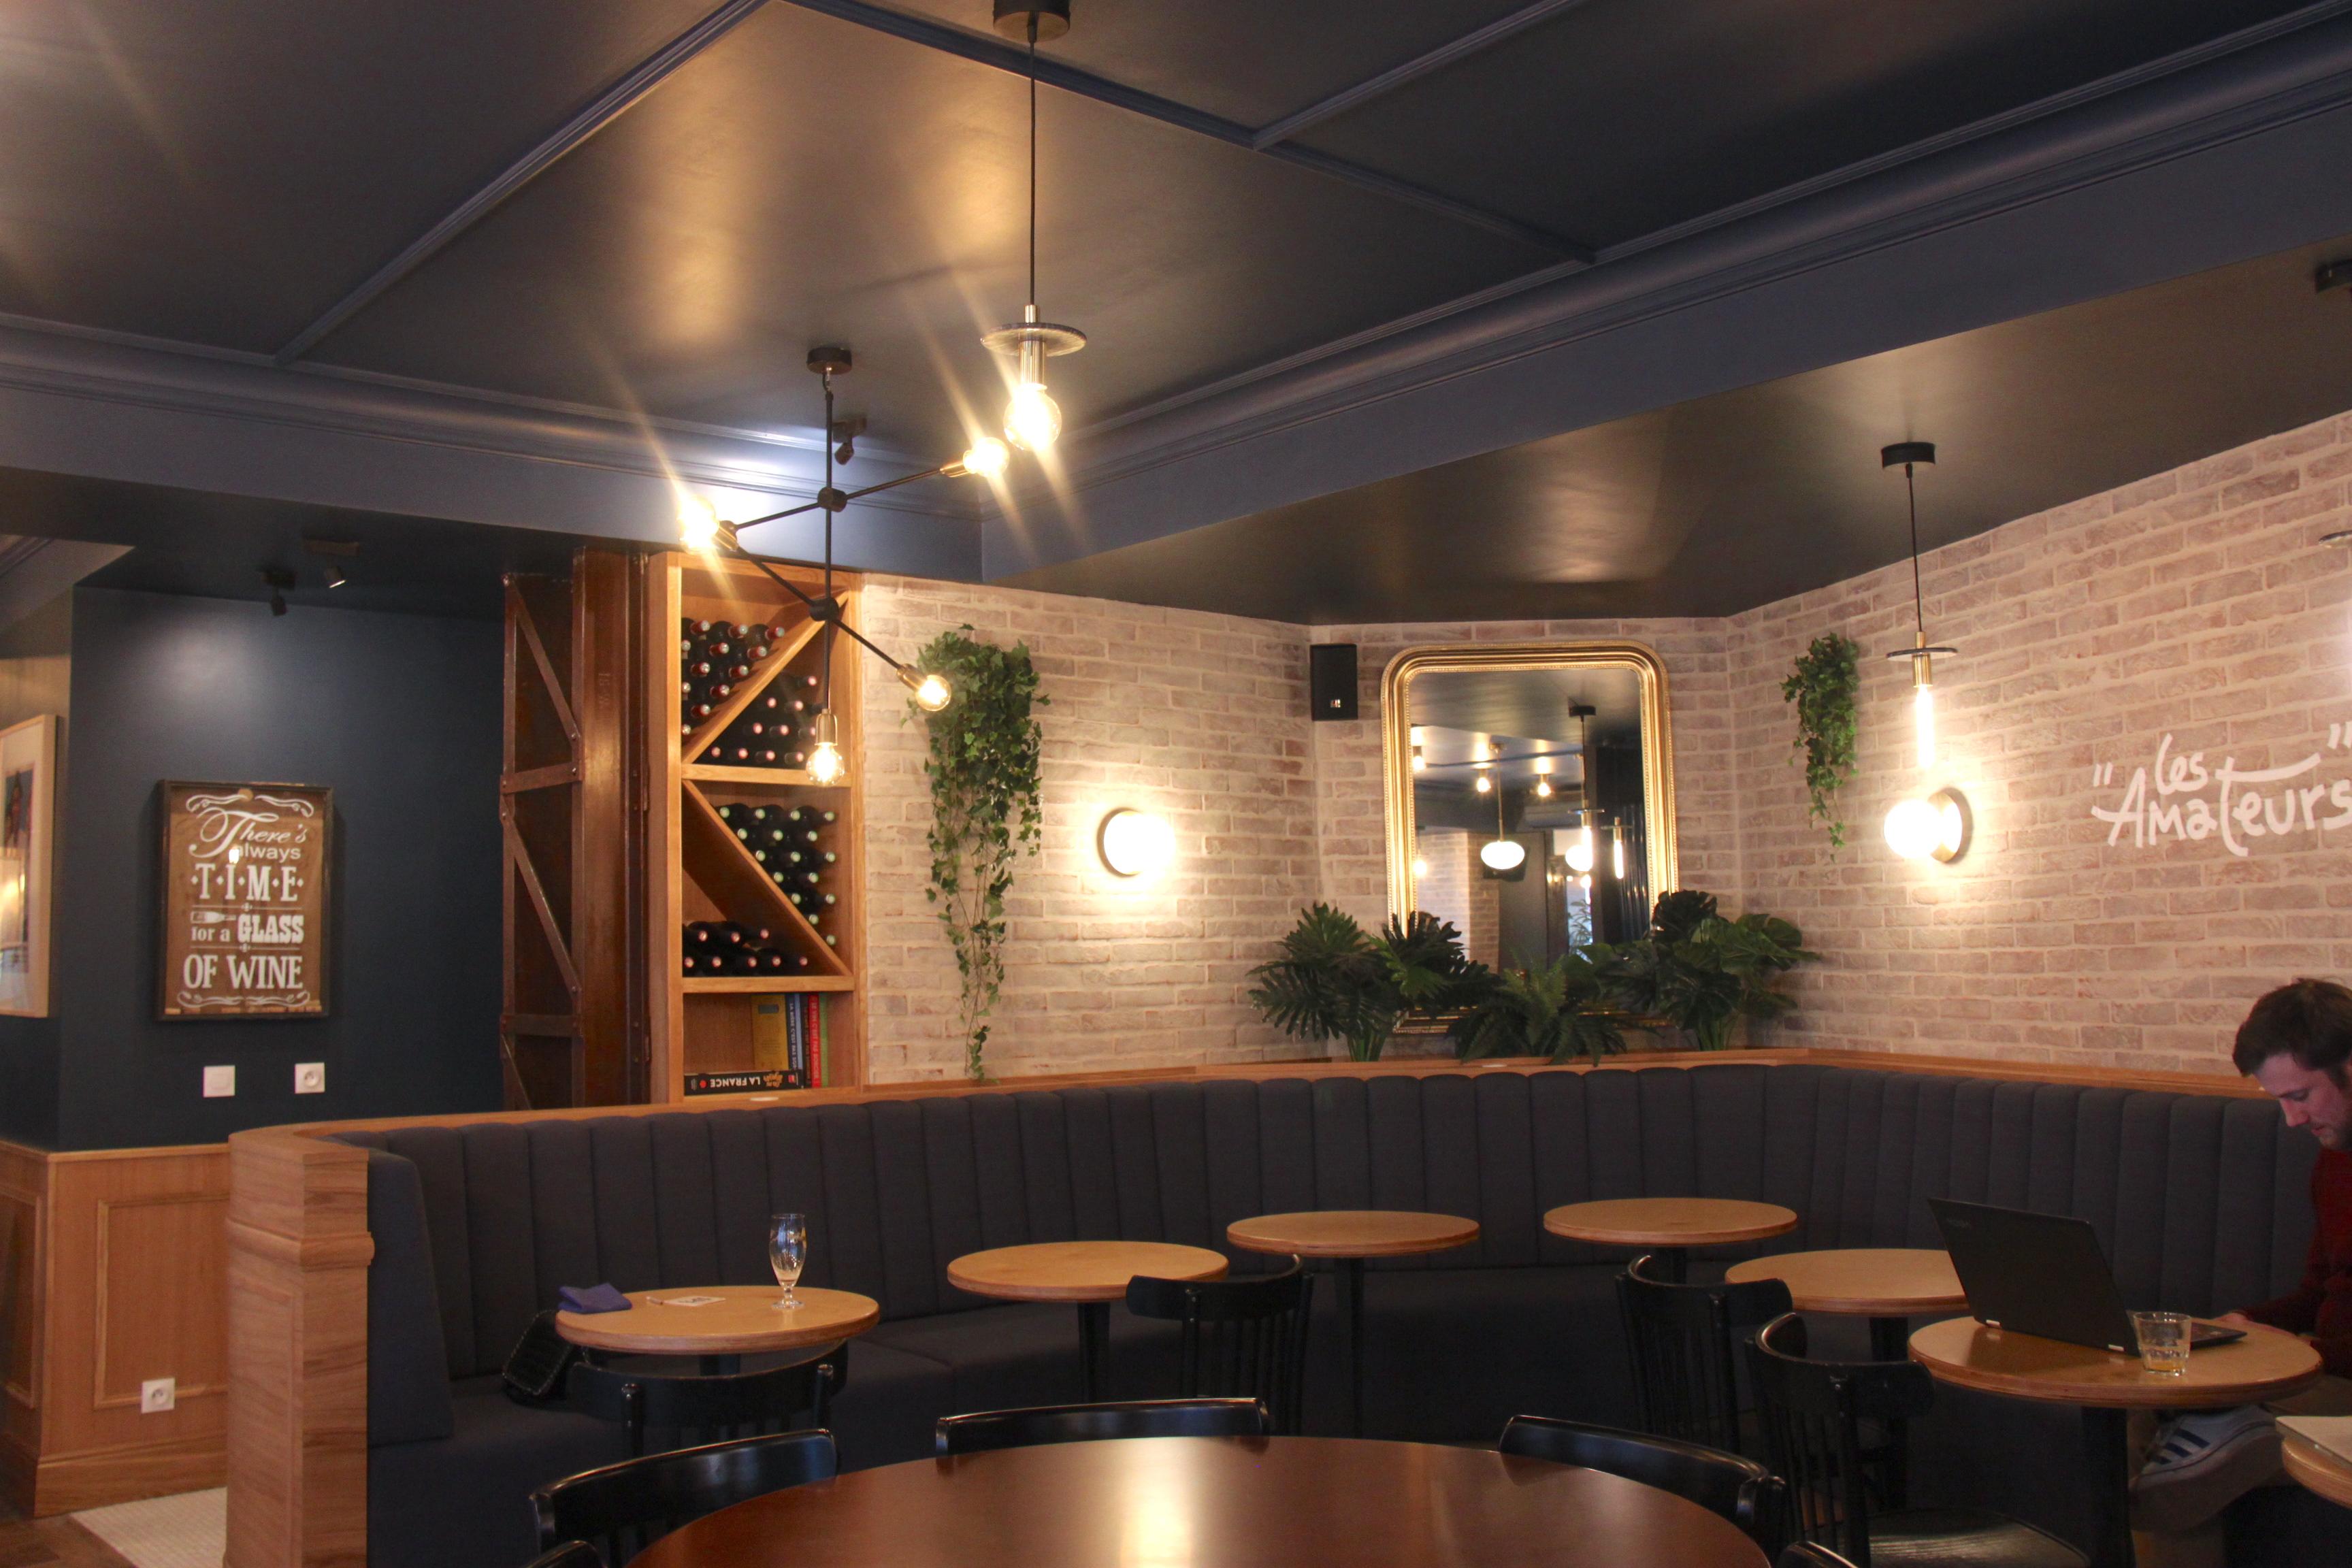 Banquettes Sur Mesure Restaurant LES AMA